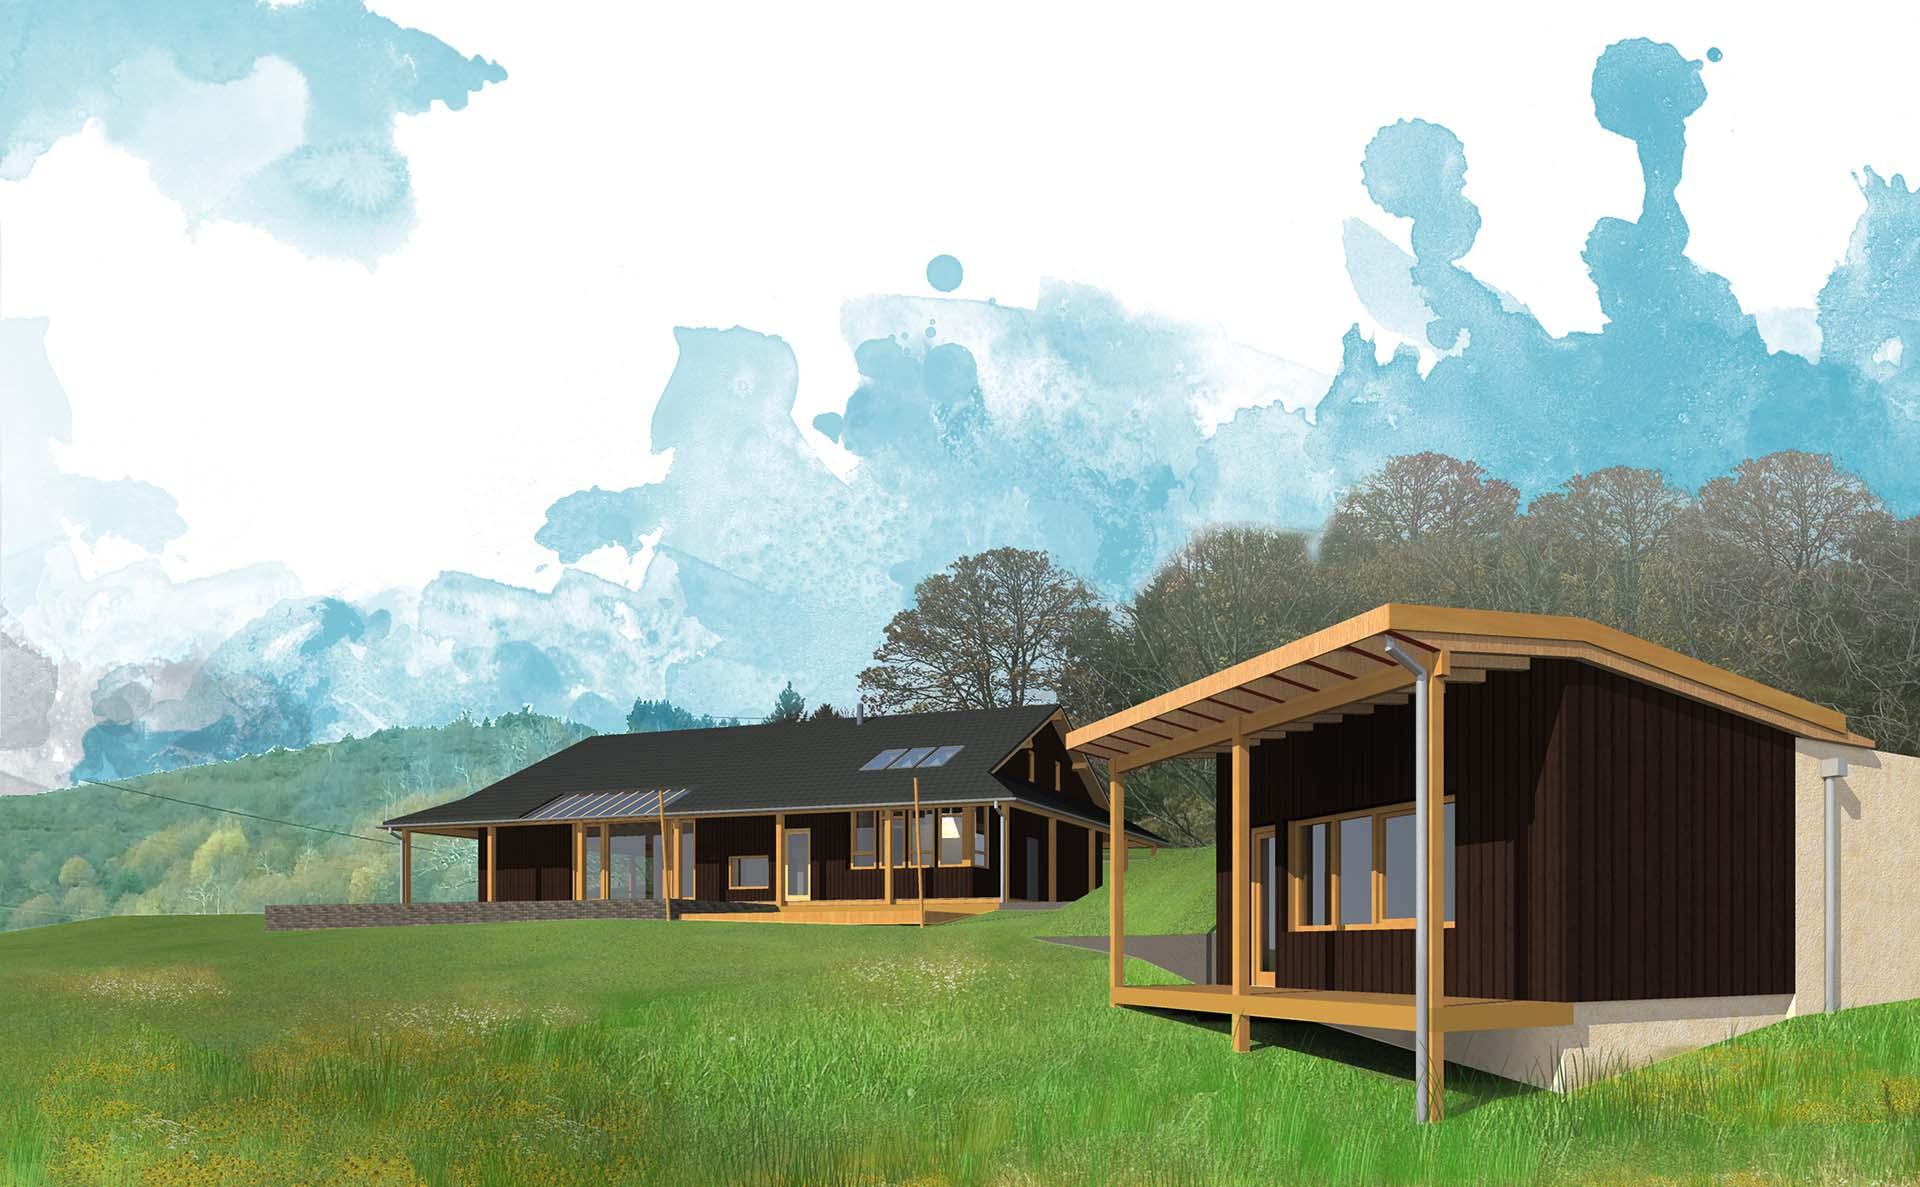 Casa in legno e paglia : prospettiva